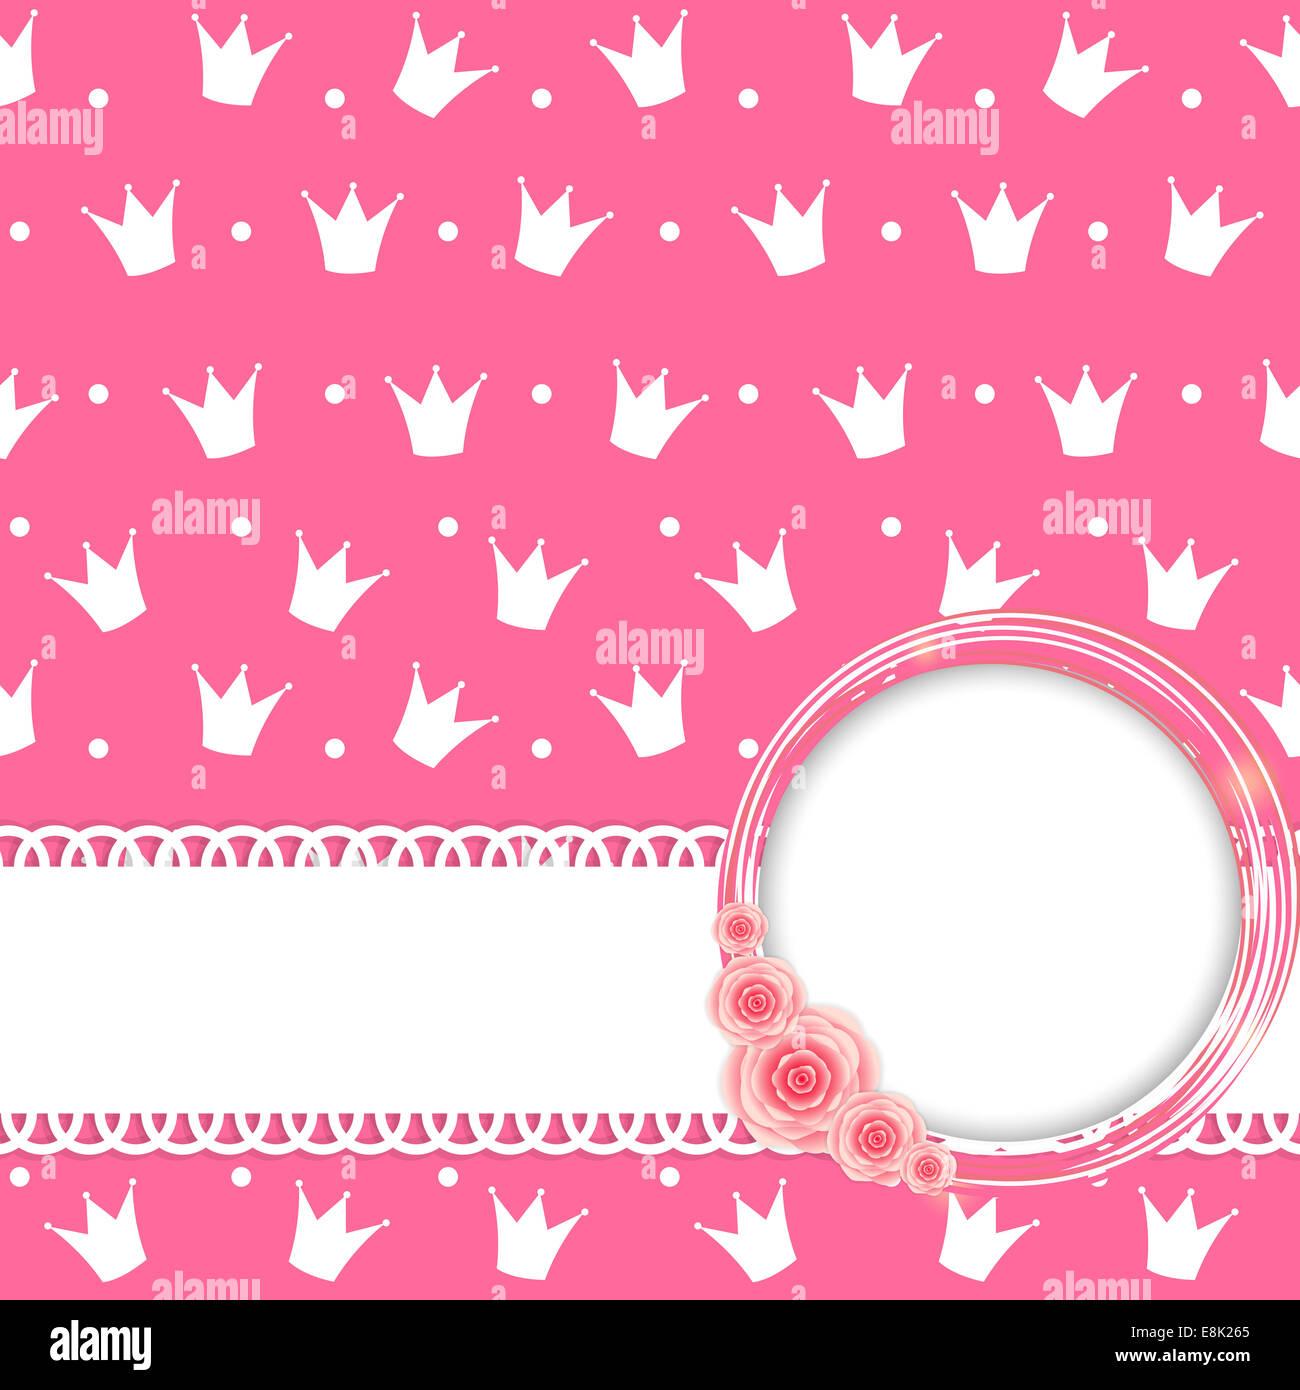 pink princess crown background vector illustration eps10